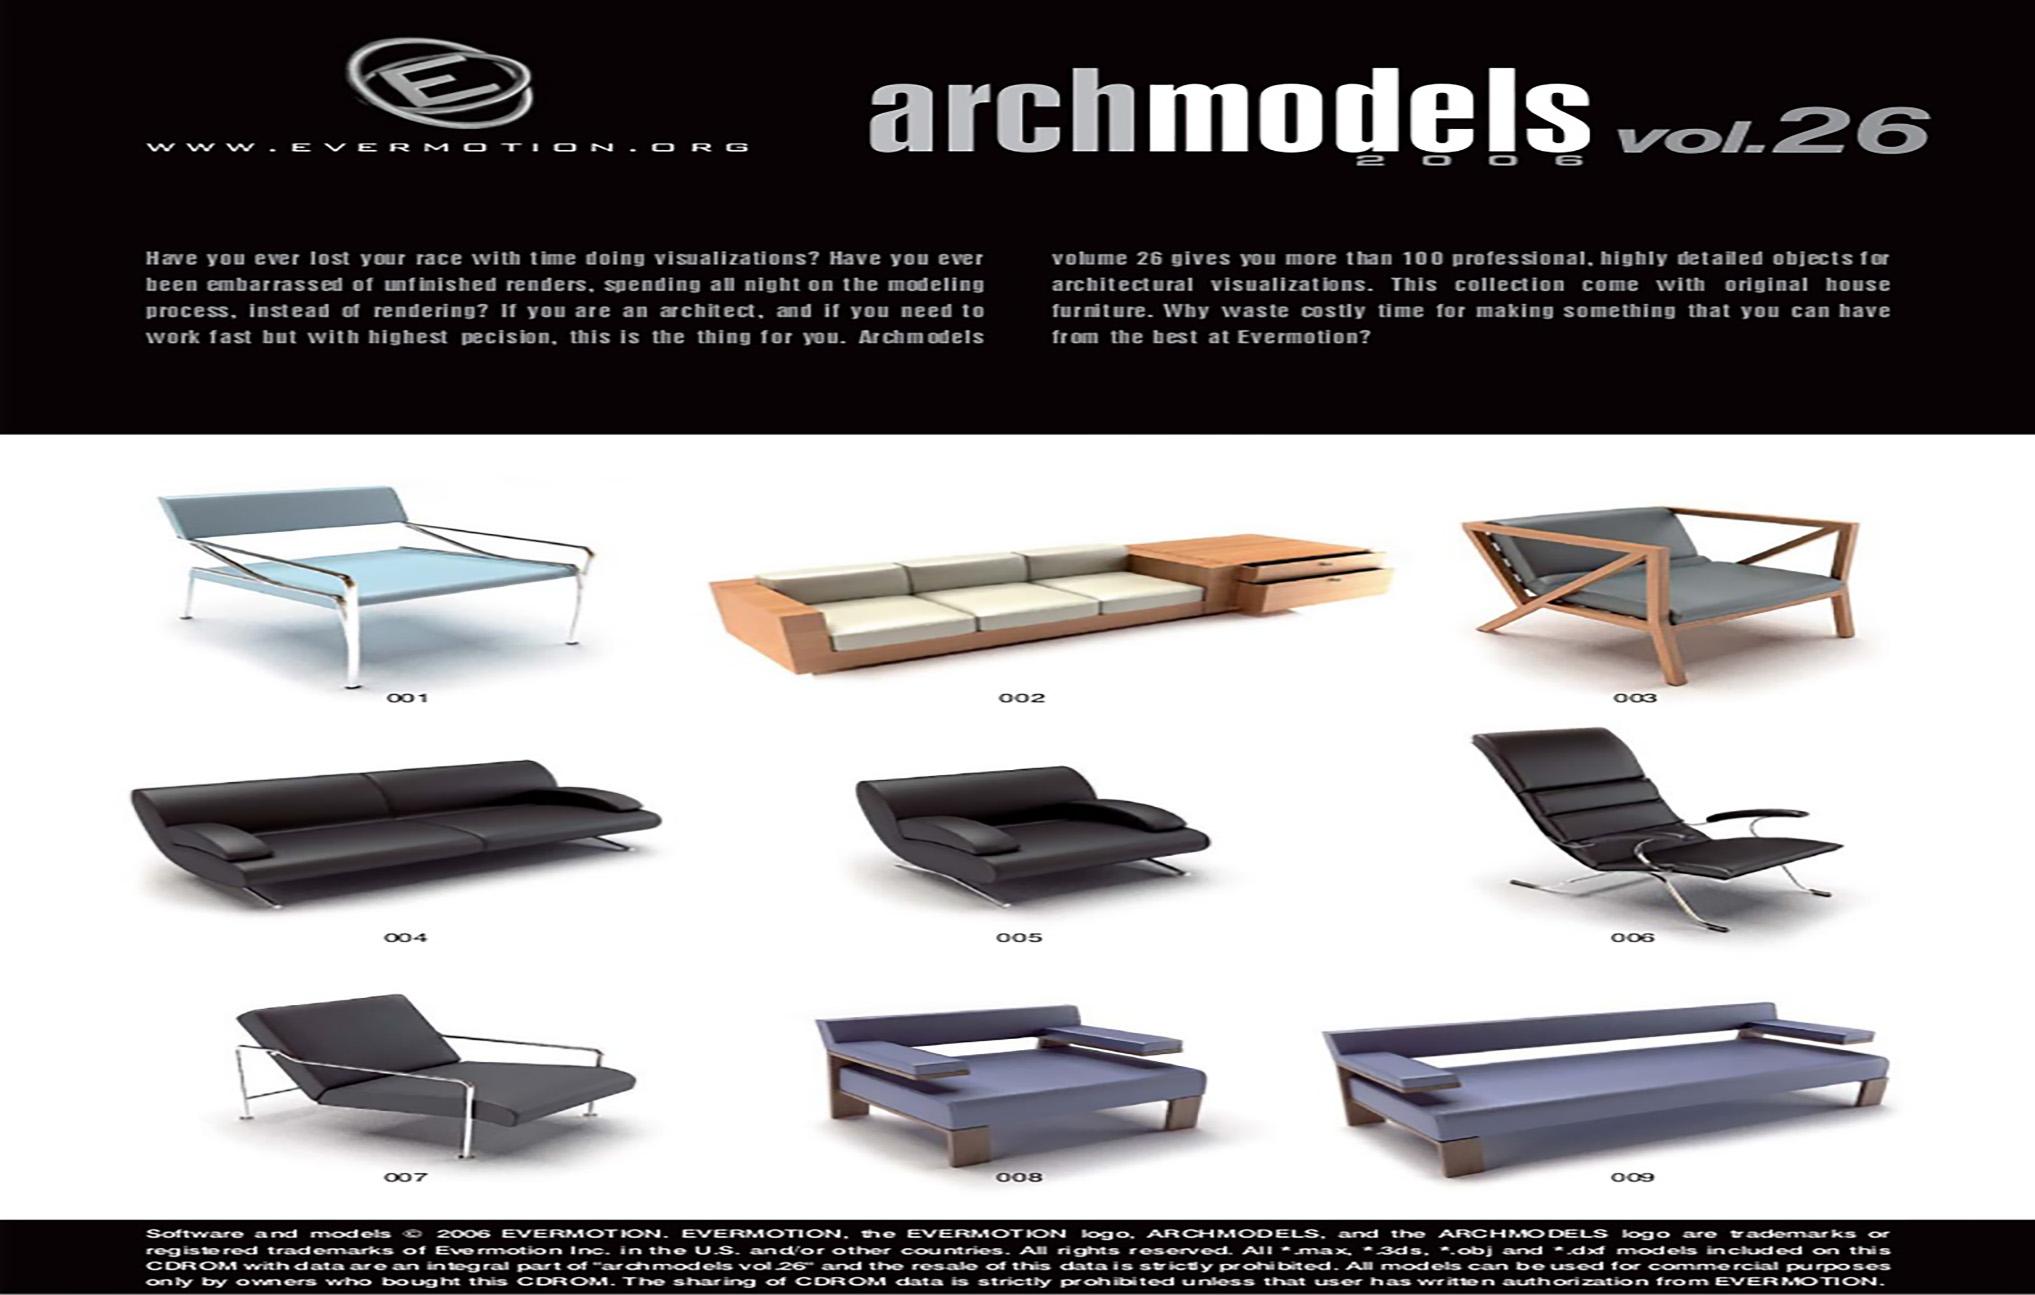 دانلود رایگان آرک مدل ولوم ARCHMODELS VOL.26